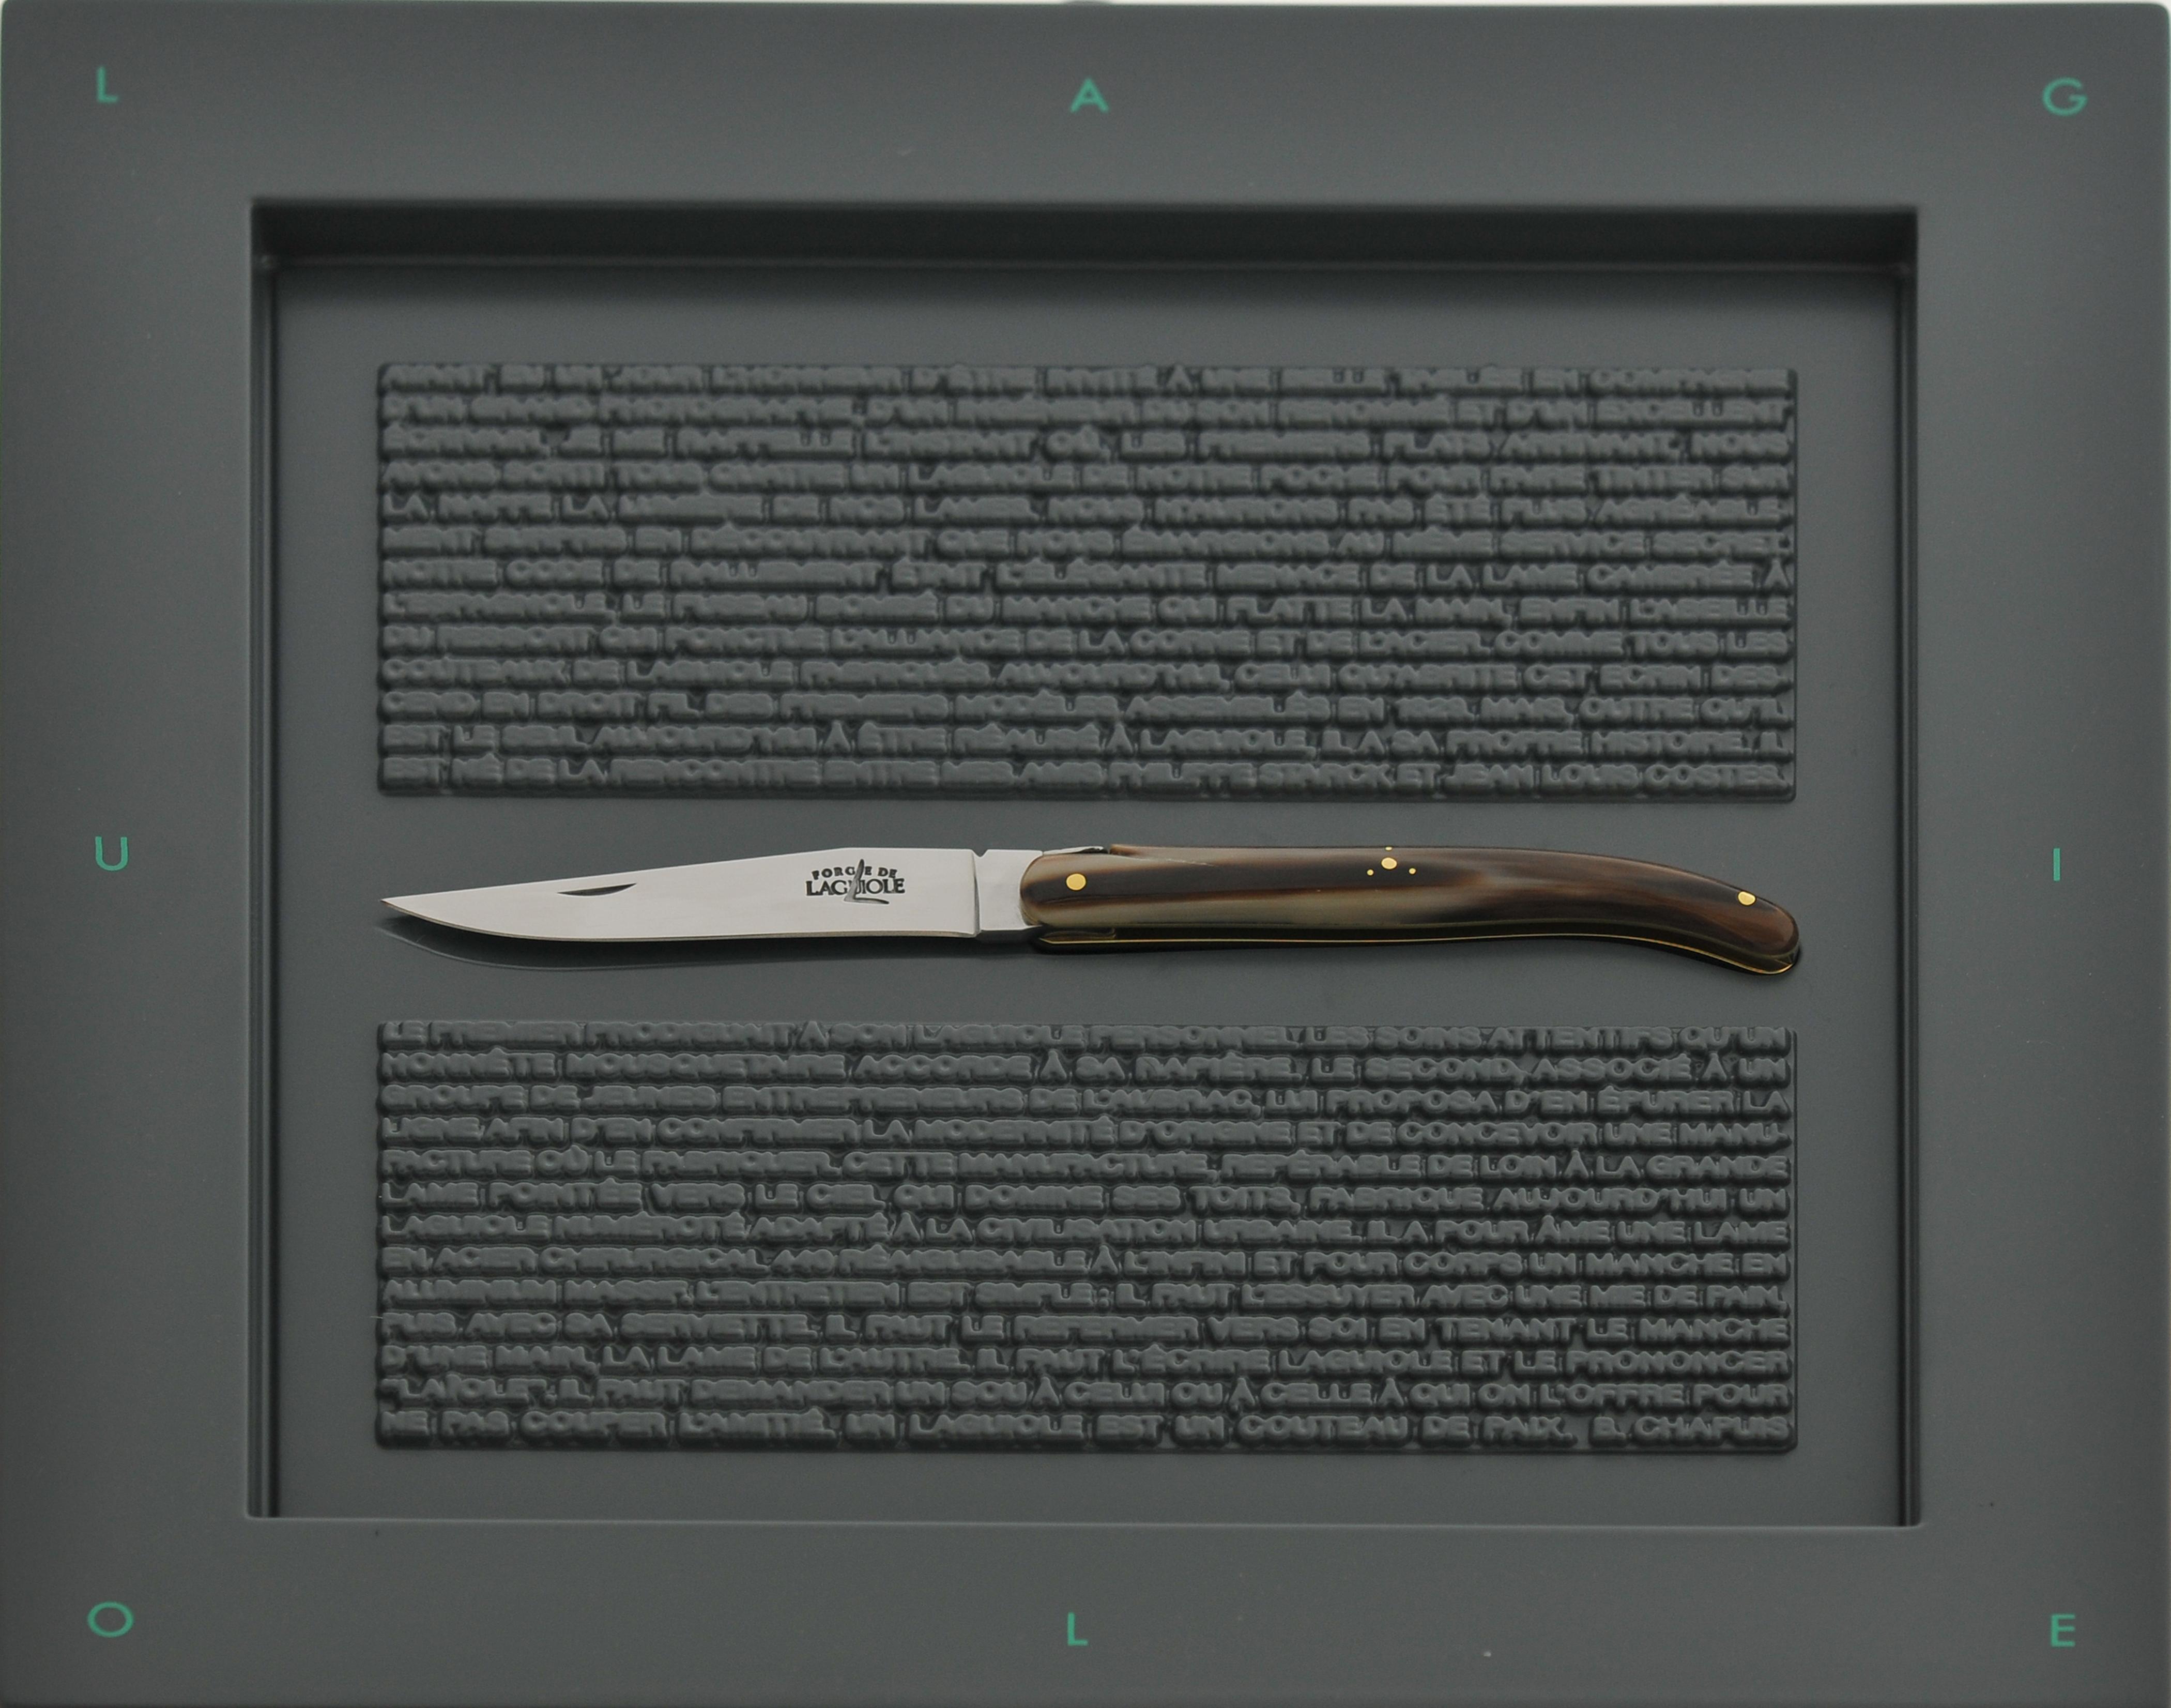 Couteau laguiole Starck